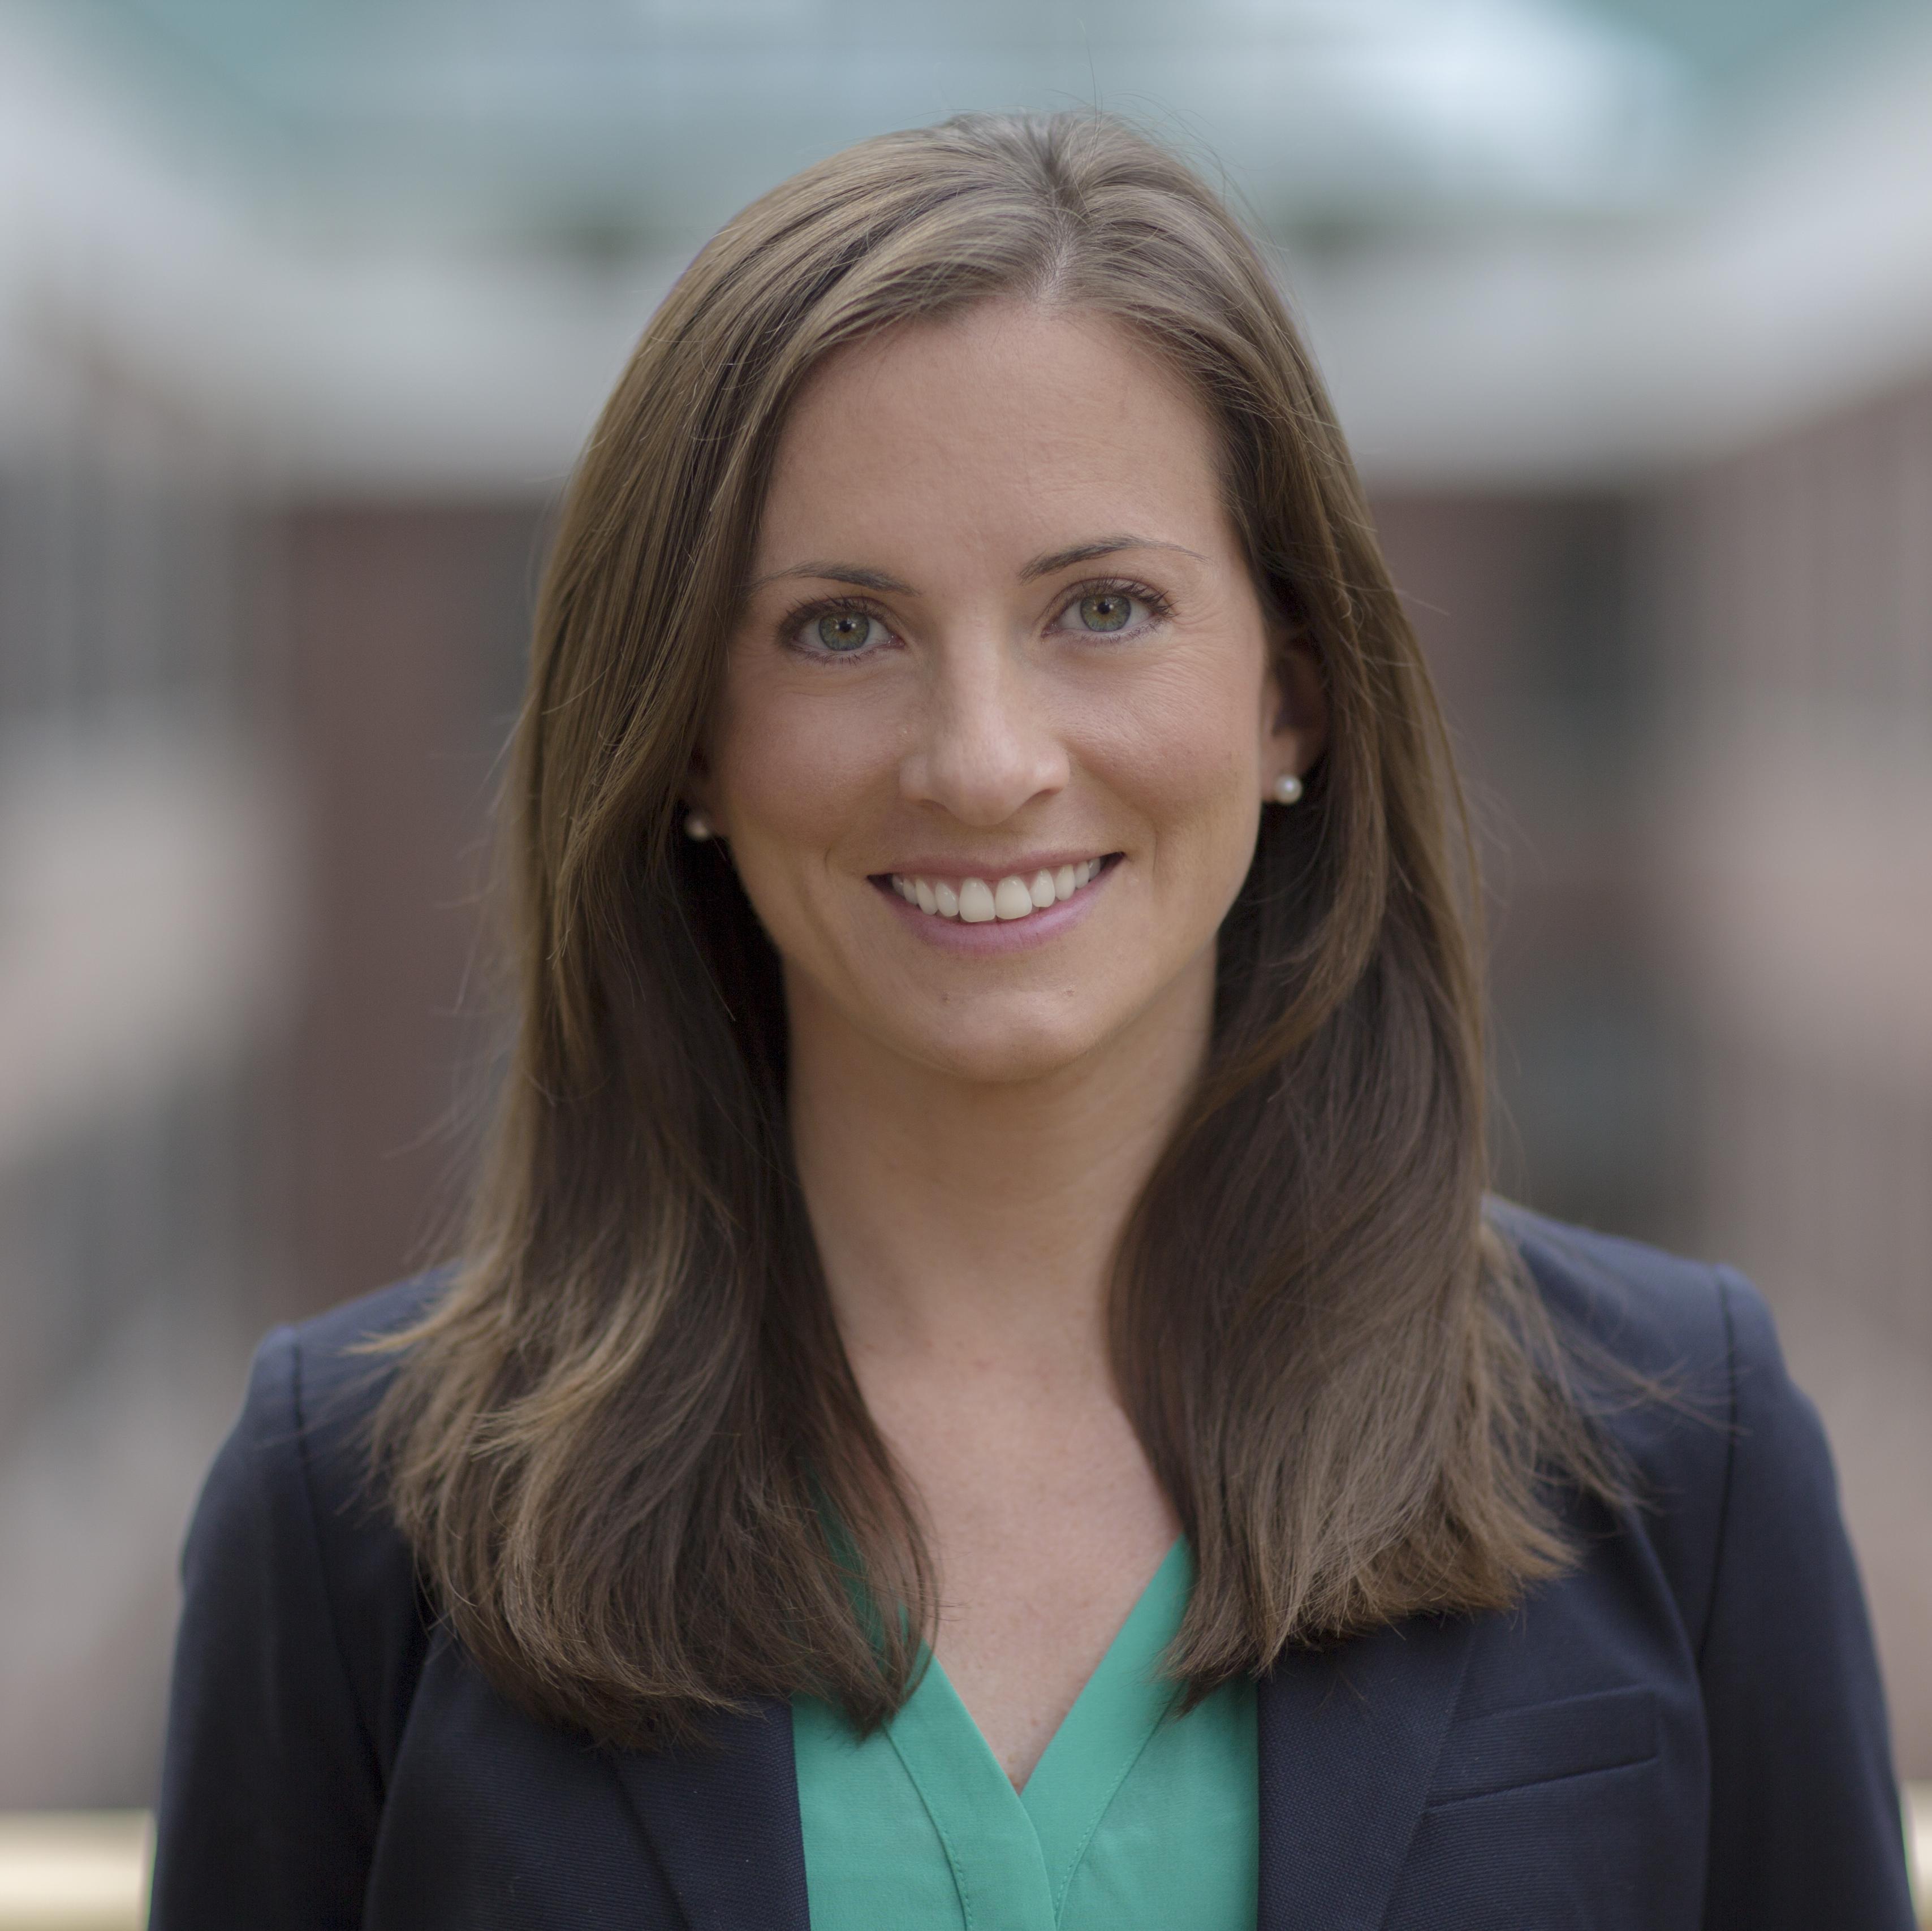 Alison Elworthy